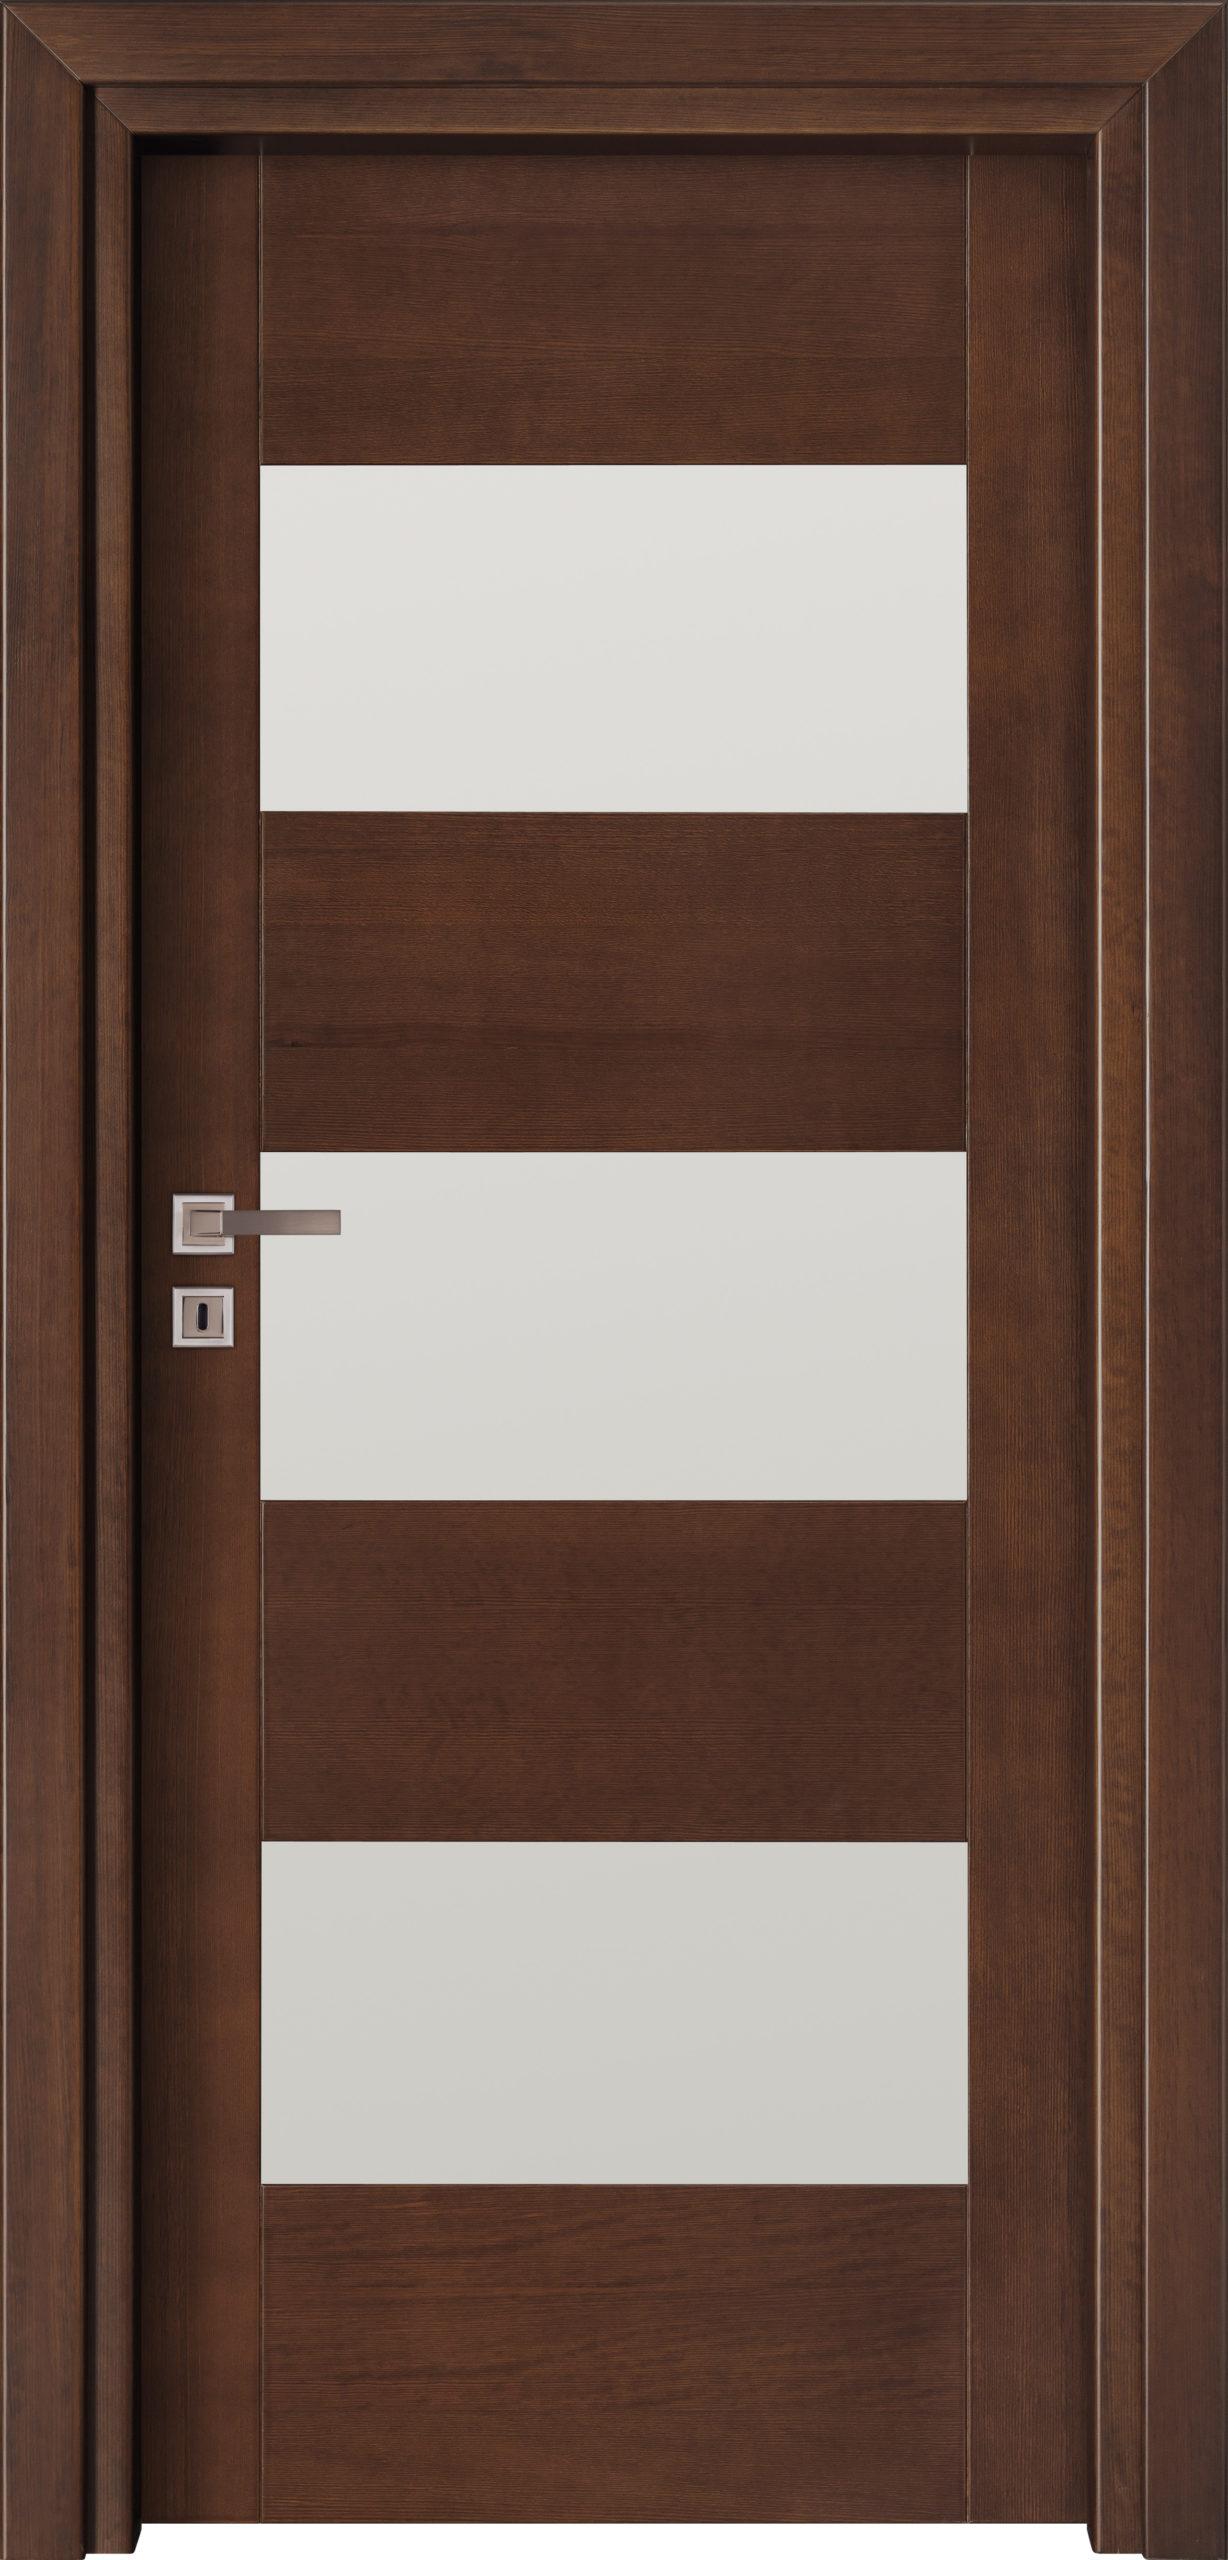 Bolzano A1 - jesion- jasny orzech - szklenie lacomat bezpieczny - ościeżnica przylgowa regulowana drewniana prosta (IIa)